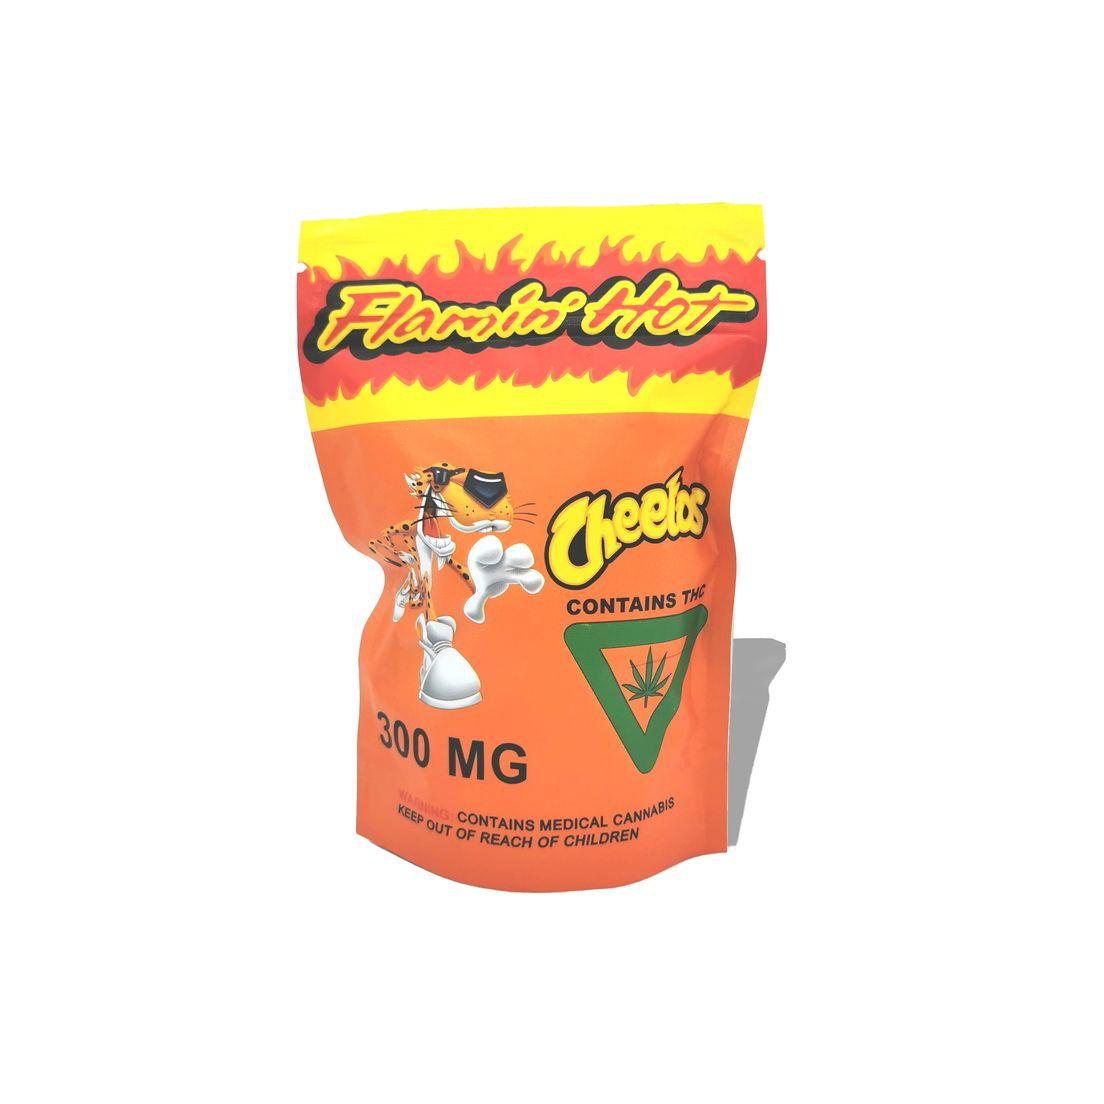 Flamin' Hot Cheetos